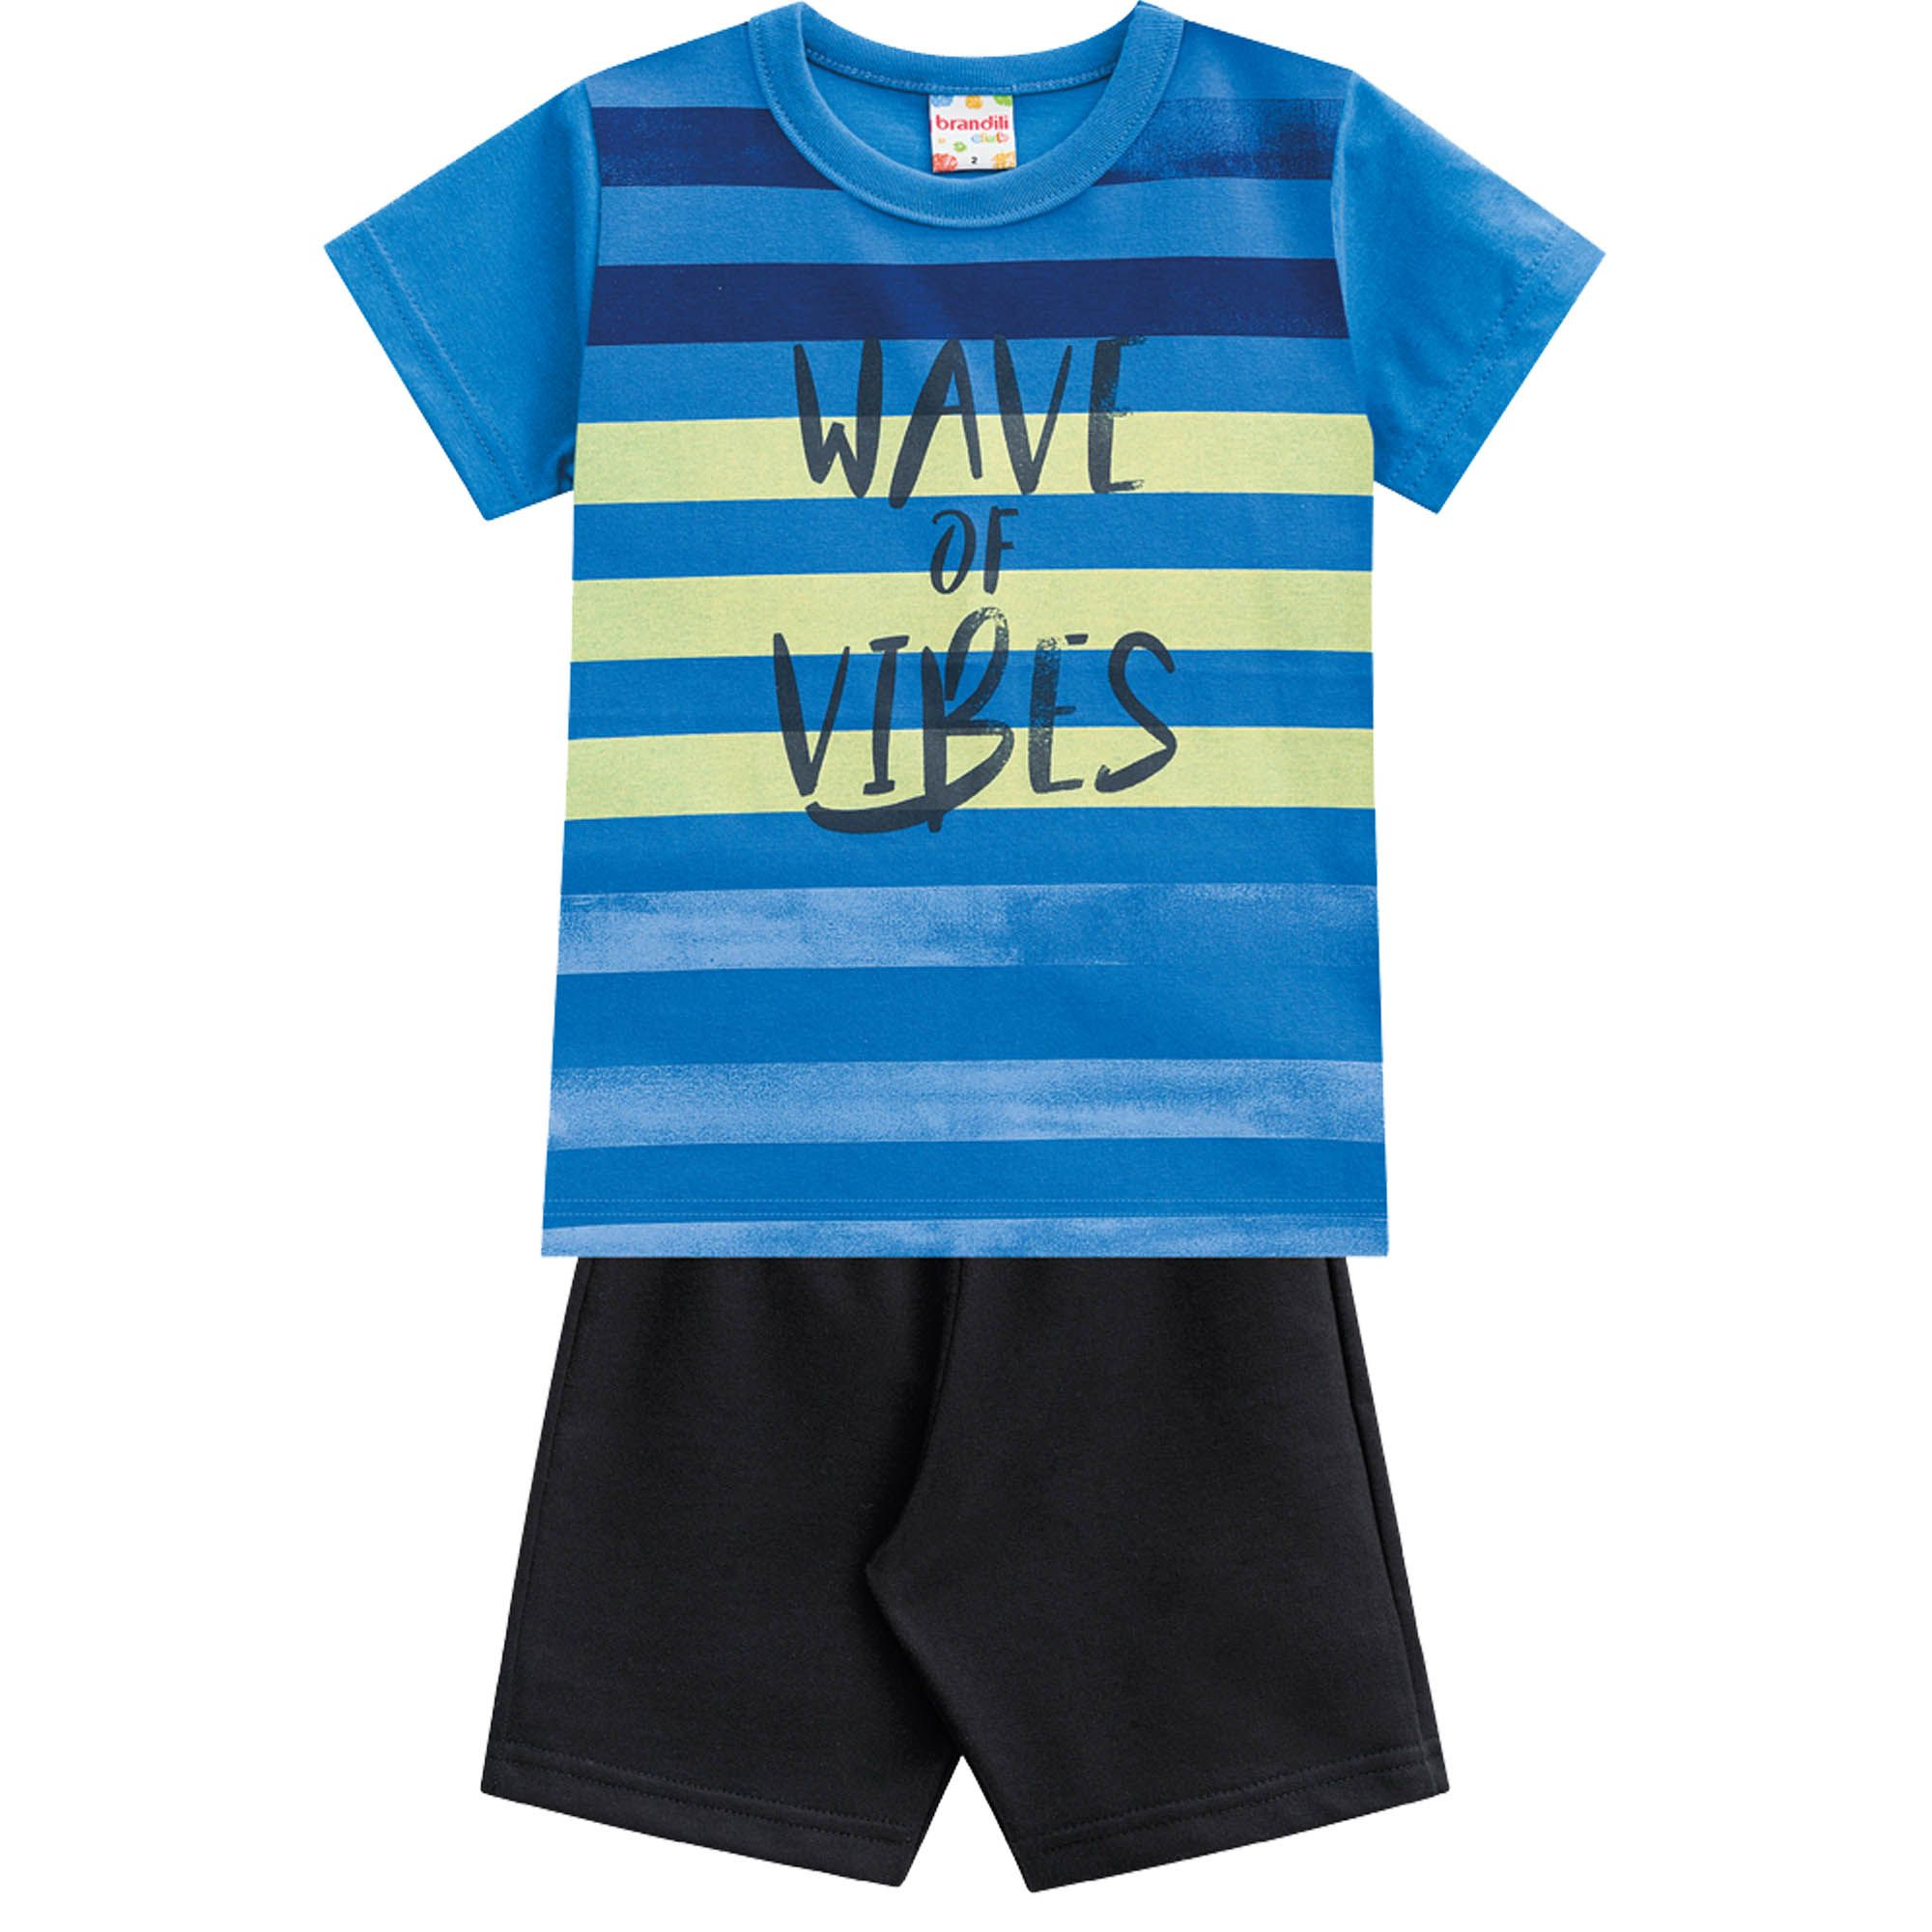 Conjunto Verão Brandili Club Camiseta Wave Of Vibes com Bermuda Moletinho - 4 ao 10